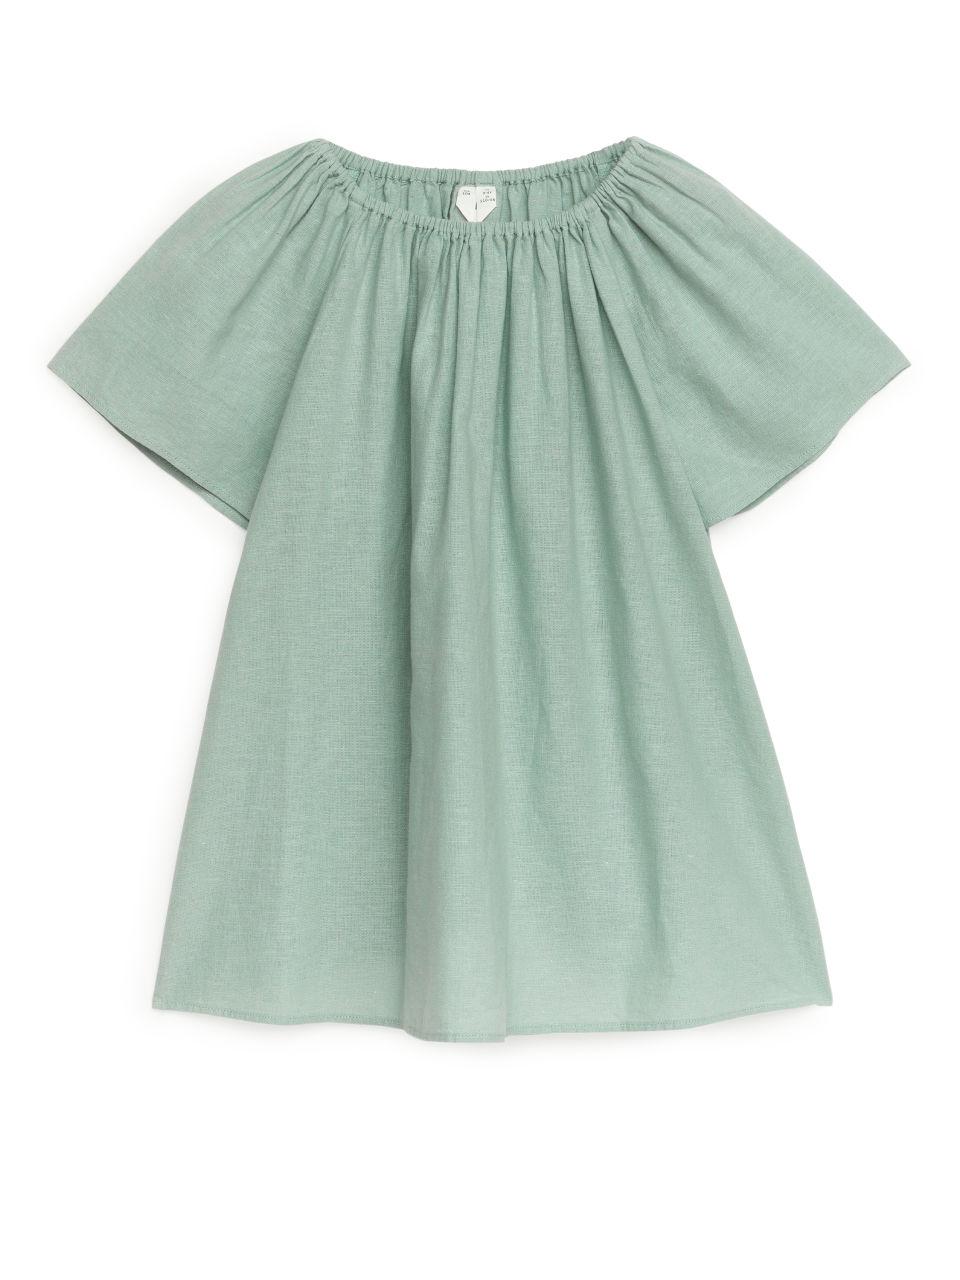 Cotton-Linen Dress - Turquoise